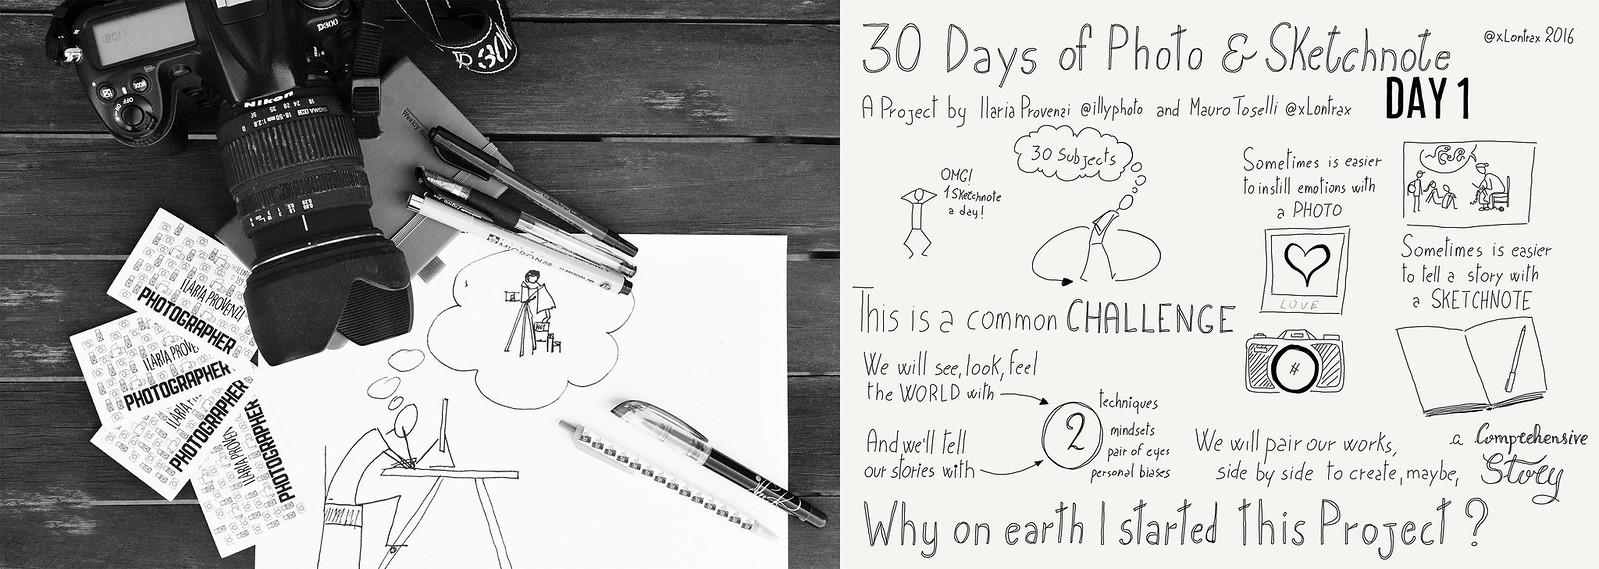 Day 01. Ma perchè ho iniziato questo progetto? - Why on earth I started this project?